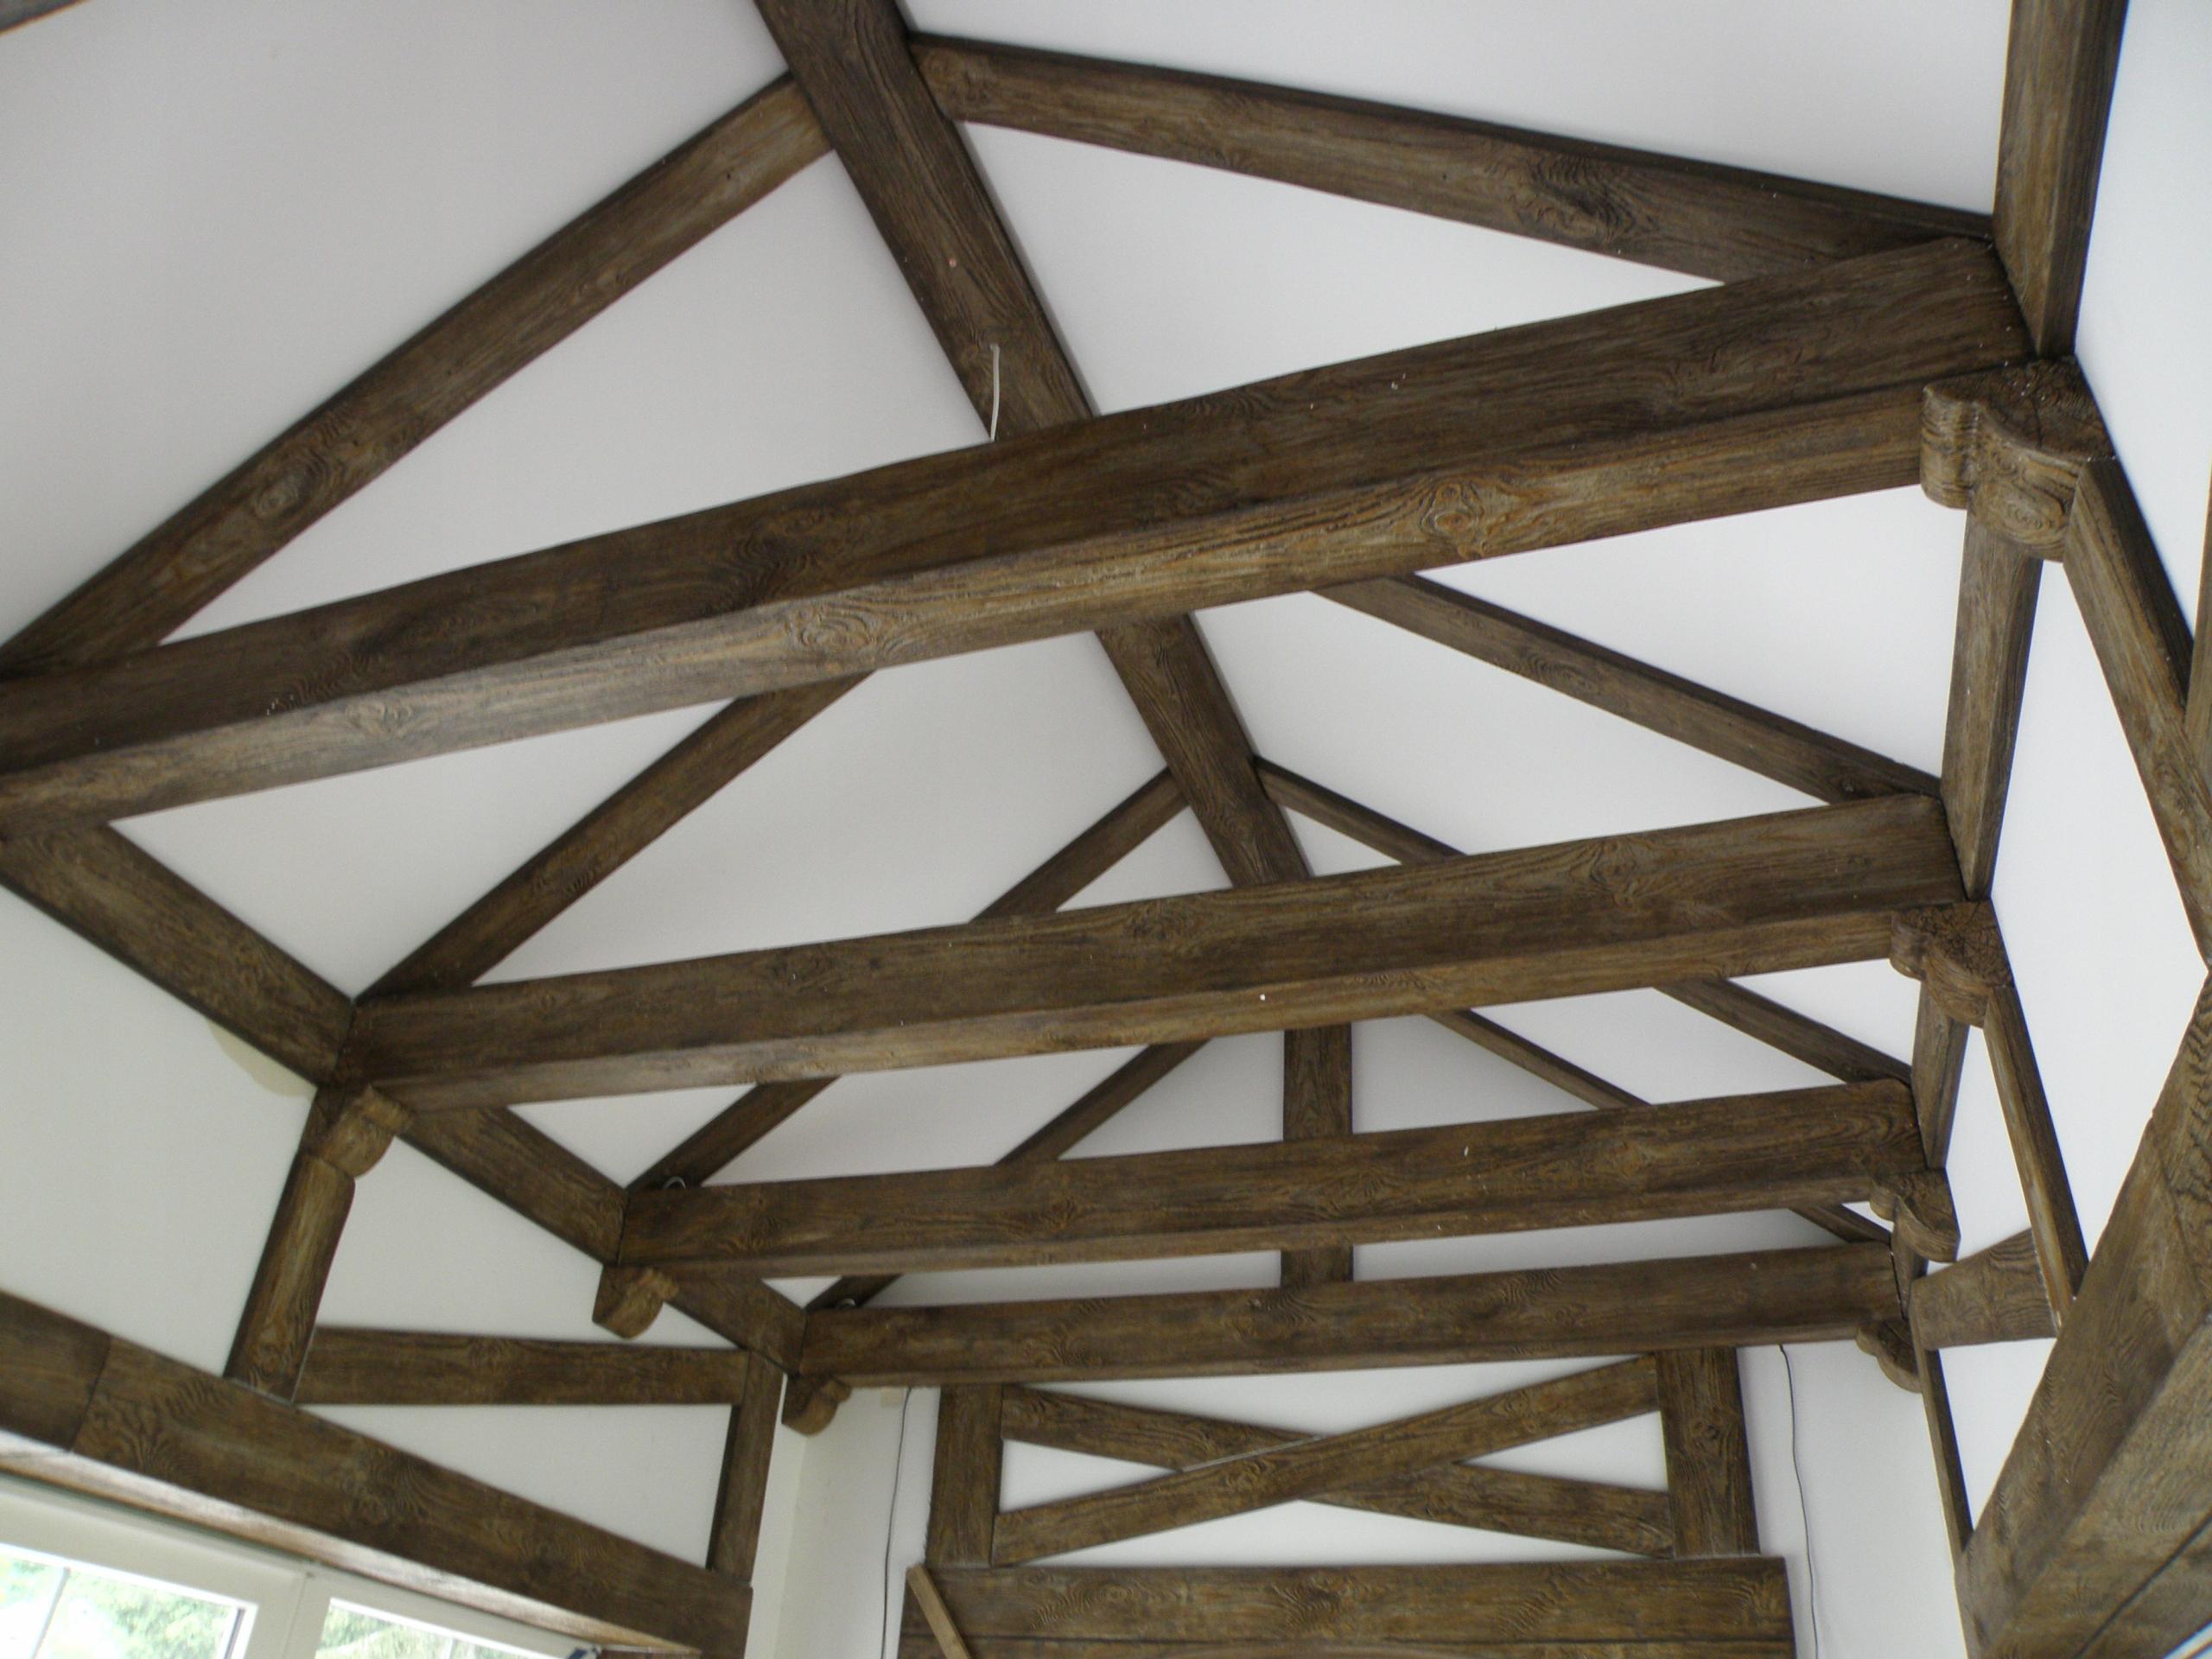 Belki Rustykalne Dekoracyjne Imitacja Drewna 7752140424